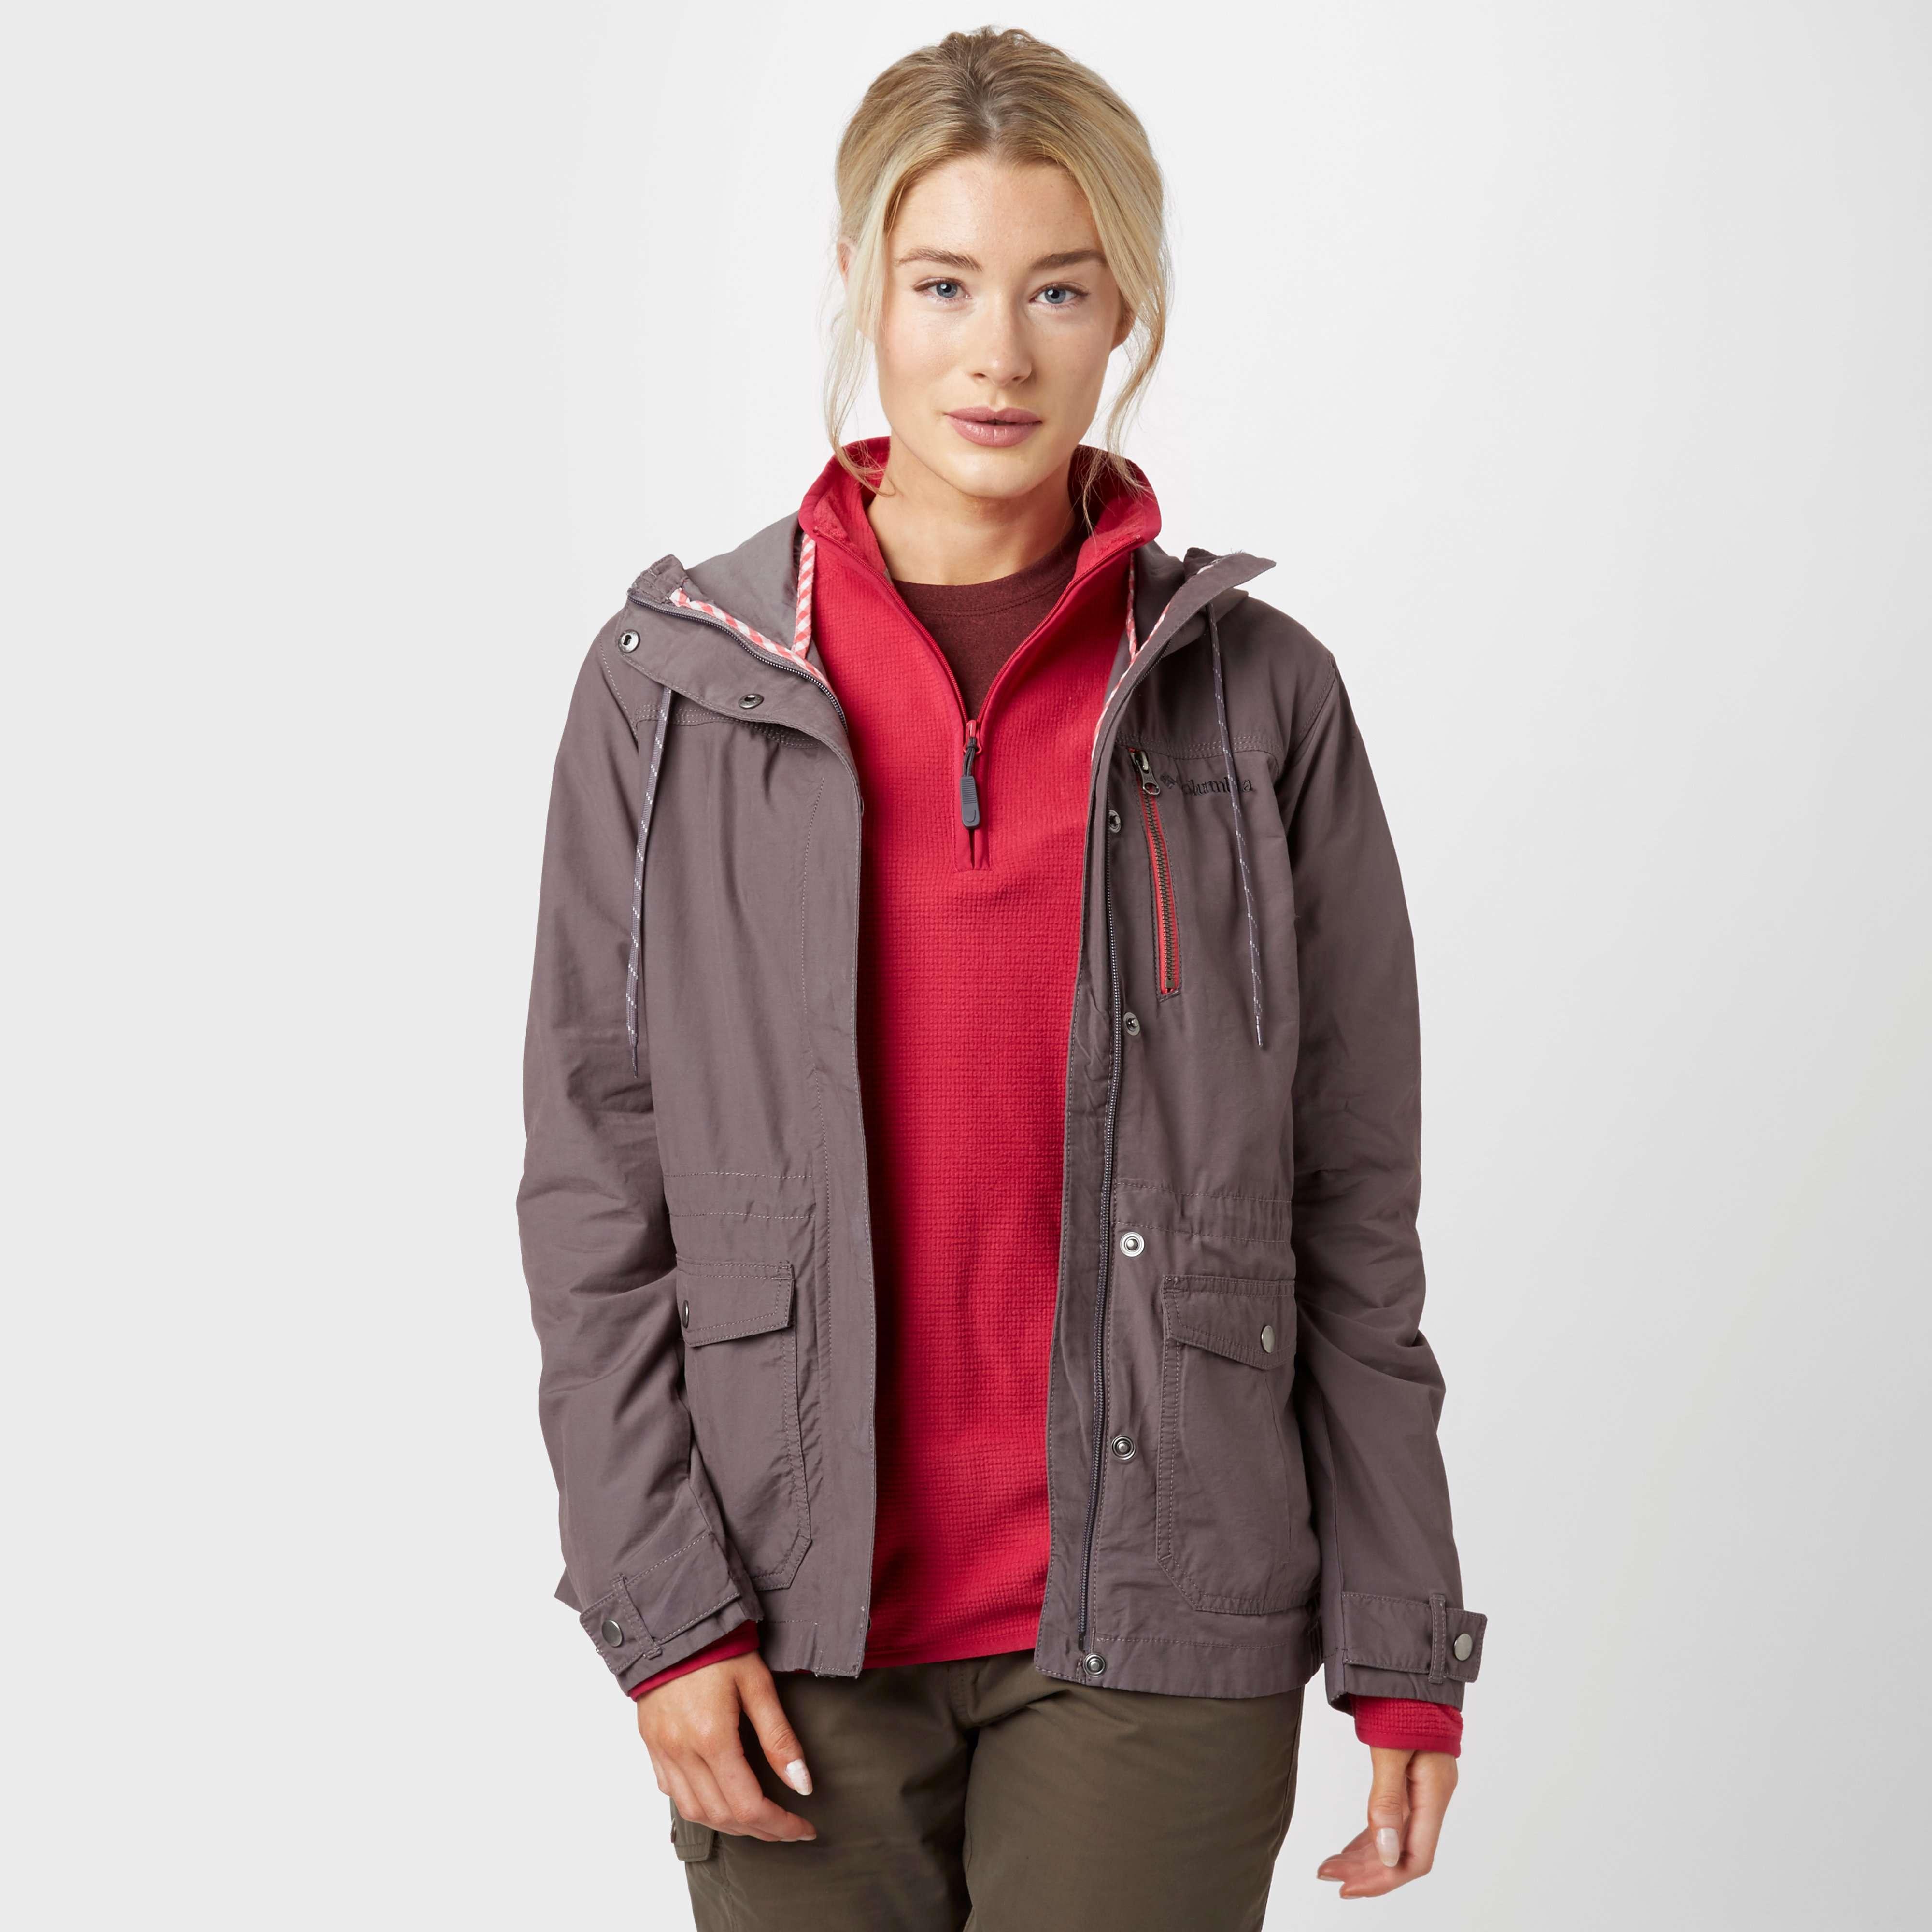 COLUMBIA Women's Alter Valley Jacket